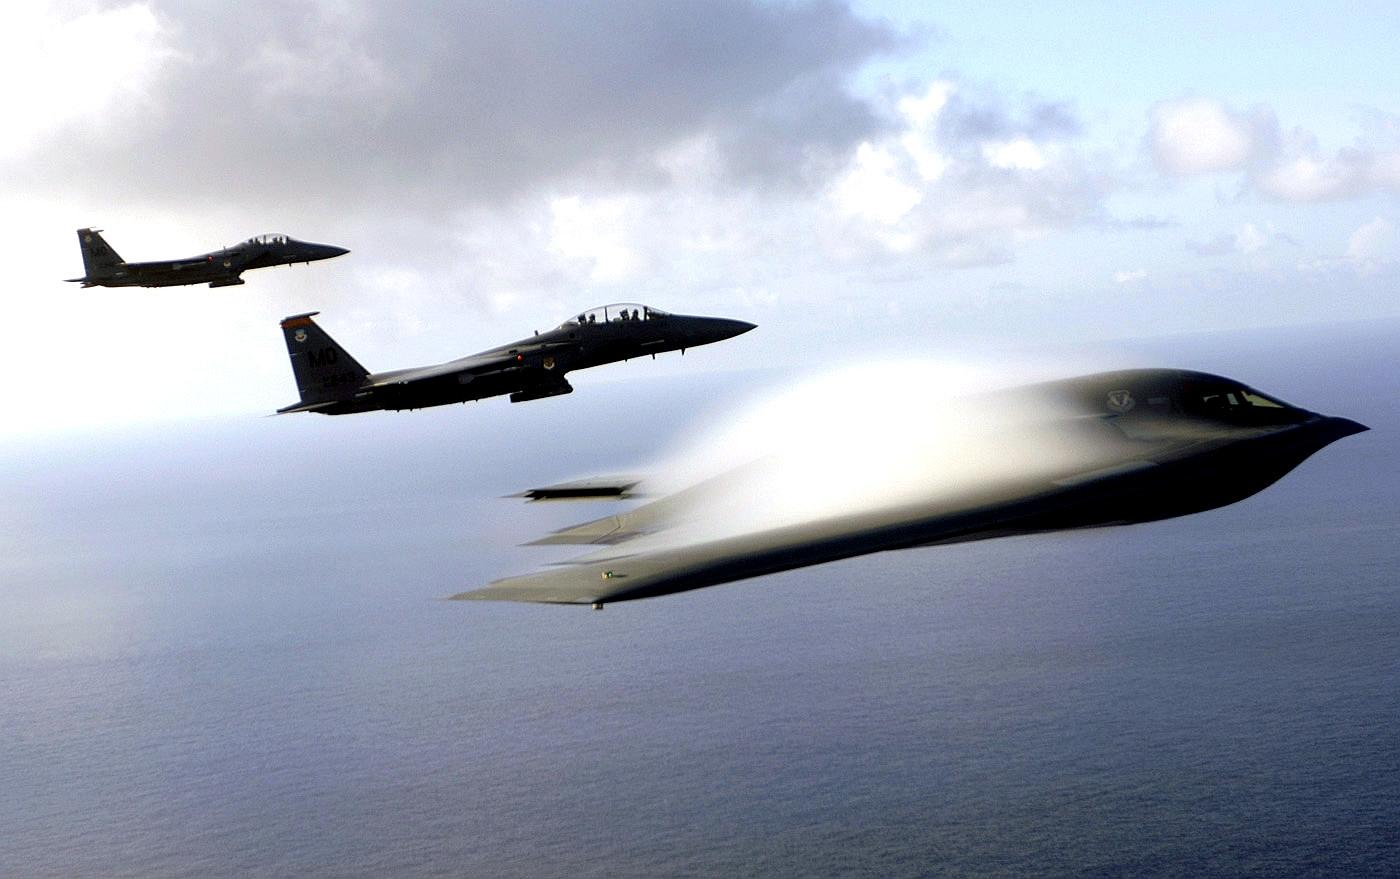 اقوي طائرة امريكية Gpw-20050822-fullsize-UnitedStatesAirForce-060707-F-3961R-003-Pacific-Ocean-B-2-Spirit-stealth-bomber-F-15E-Strike-Eagle-July-2005-Guam